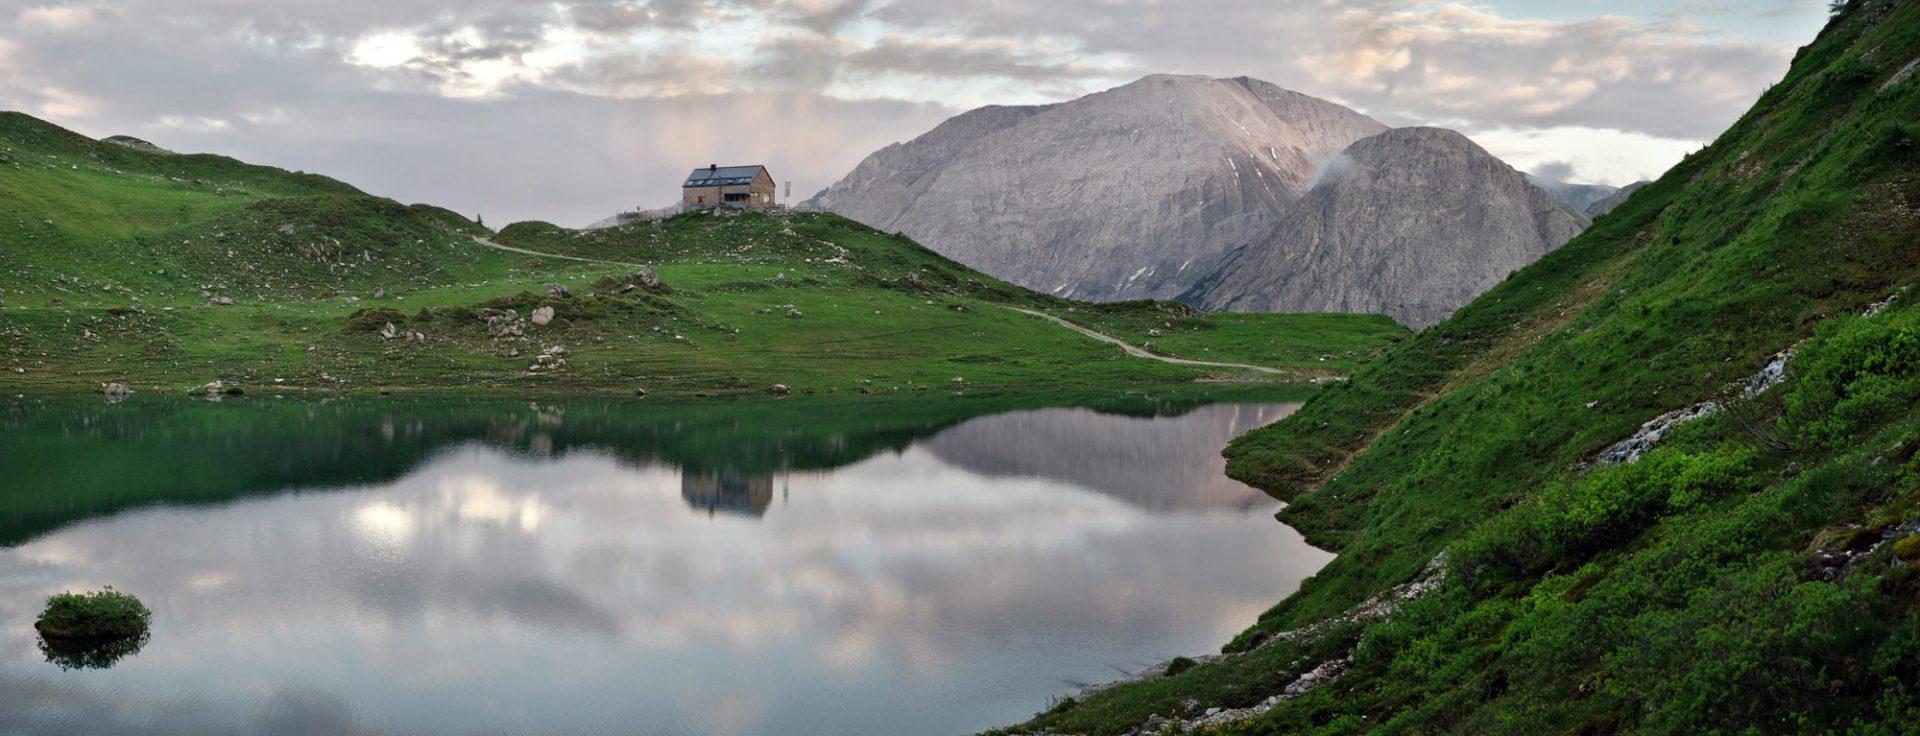 Gegenrechtsabkommen – Vorteil für Alpenvereinsmitglieder